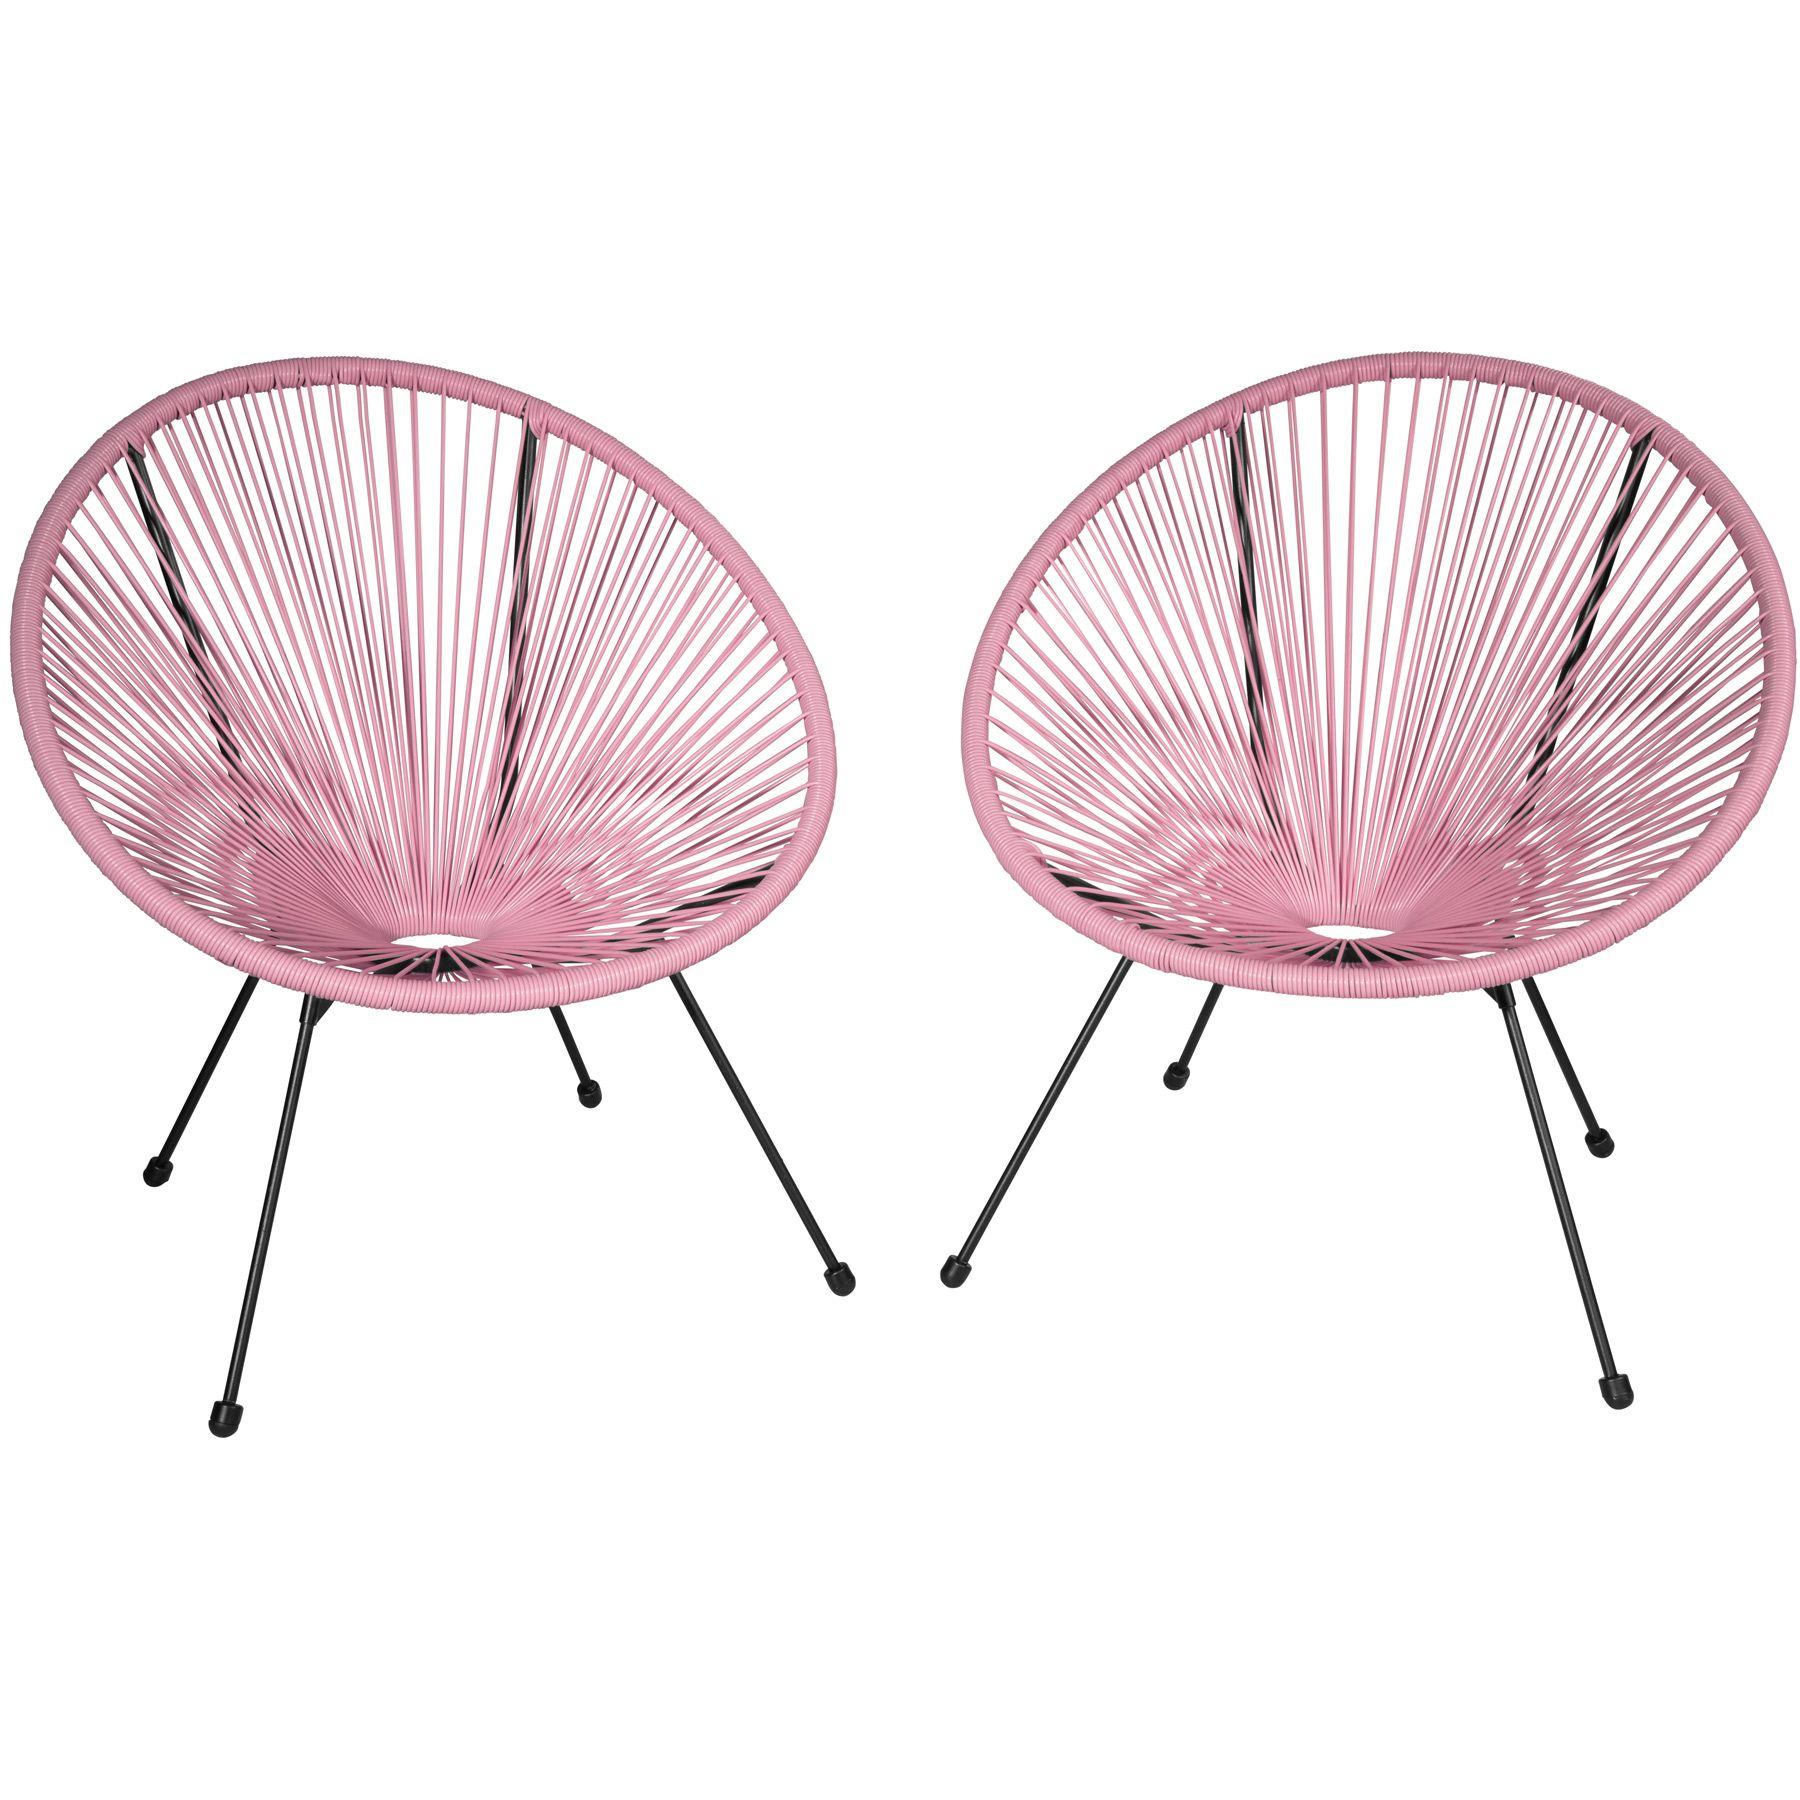 Sedie A Forma Di Sedere Costo dettagli su set di 2x sedie rotonde poltrone mobili giardino terrazzo patio  esterno relax n